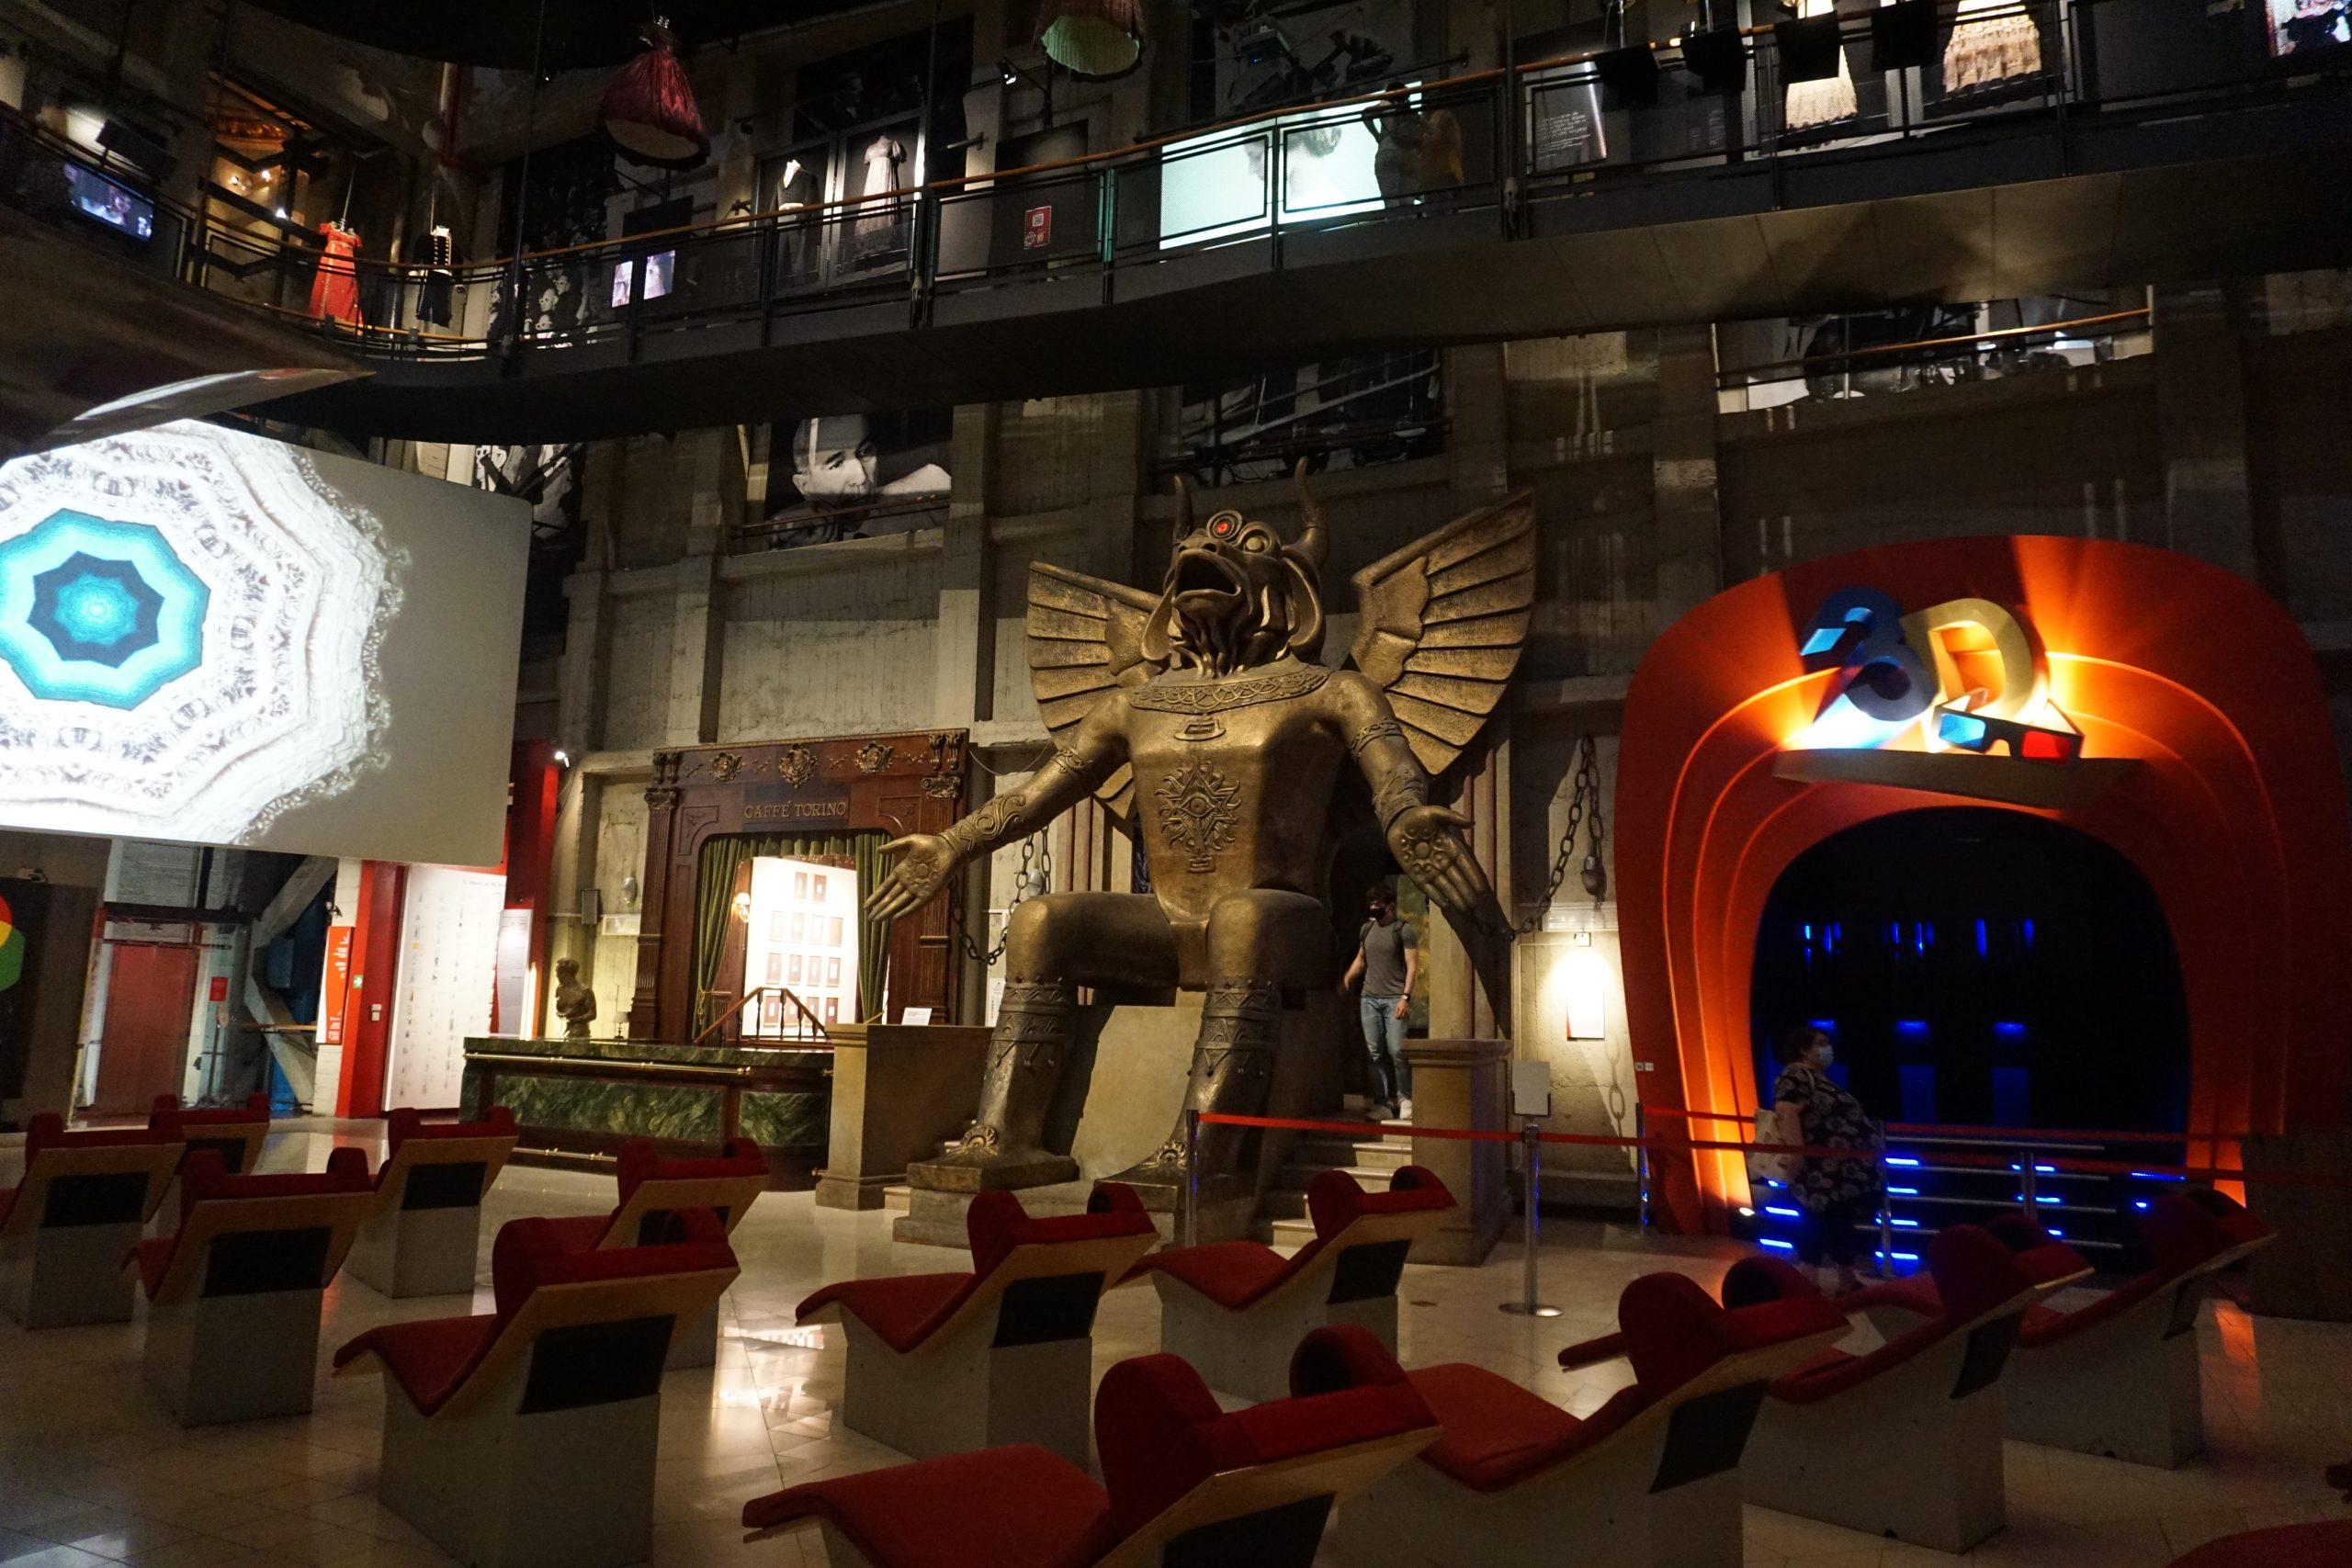 Un plan imperdible en Turín: el museo del cine